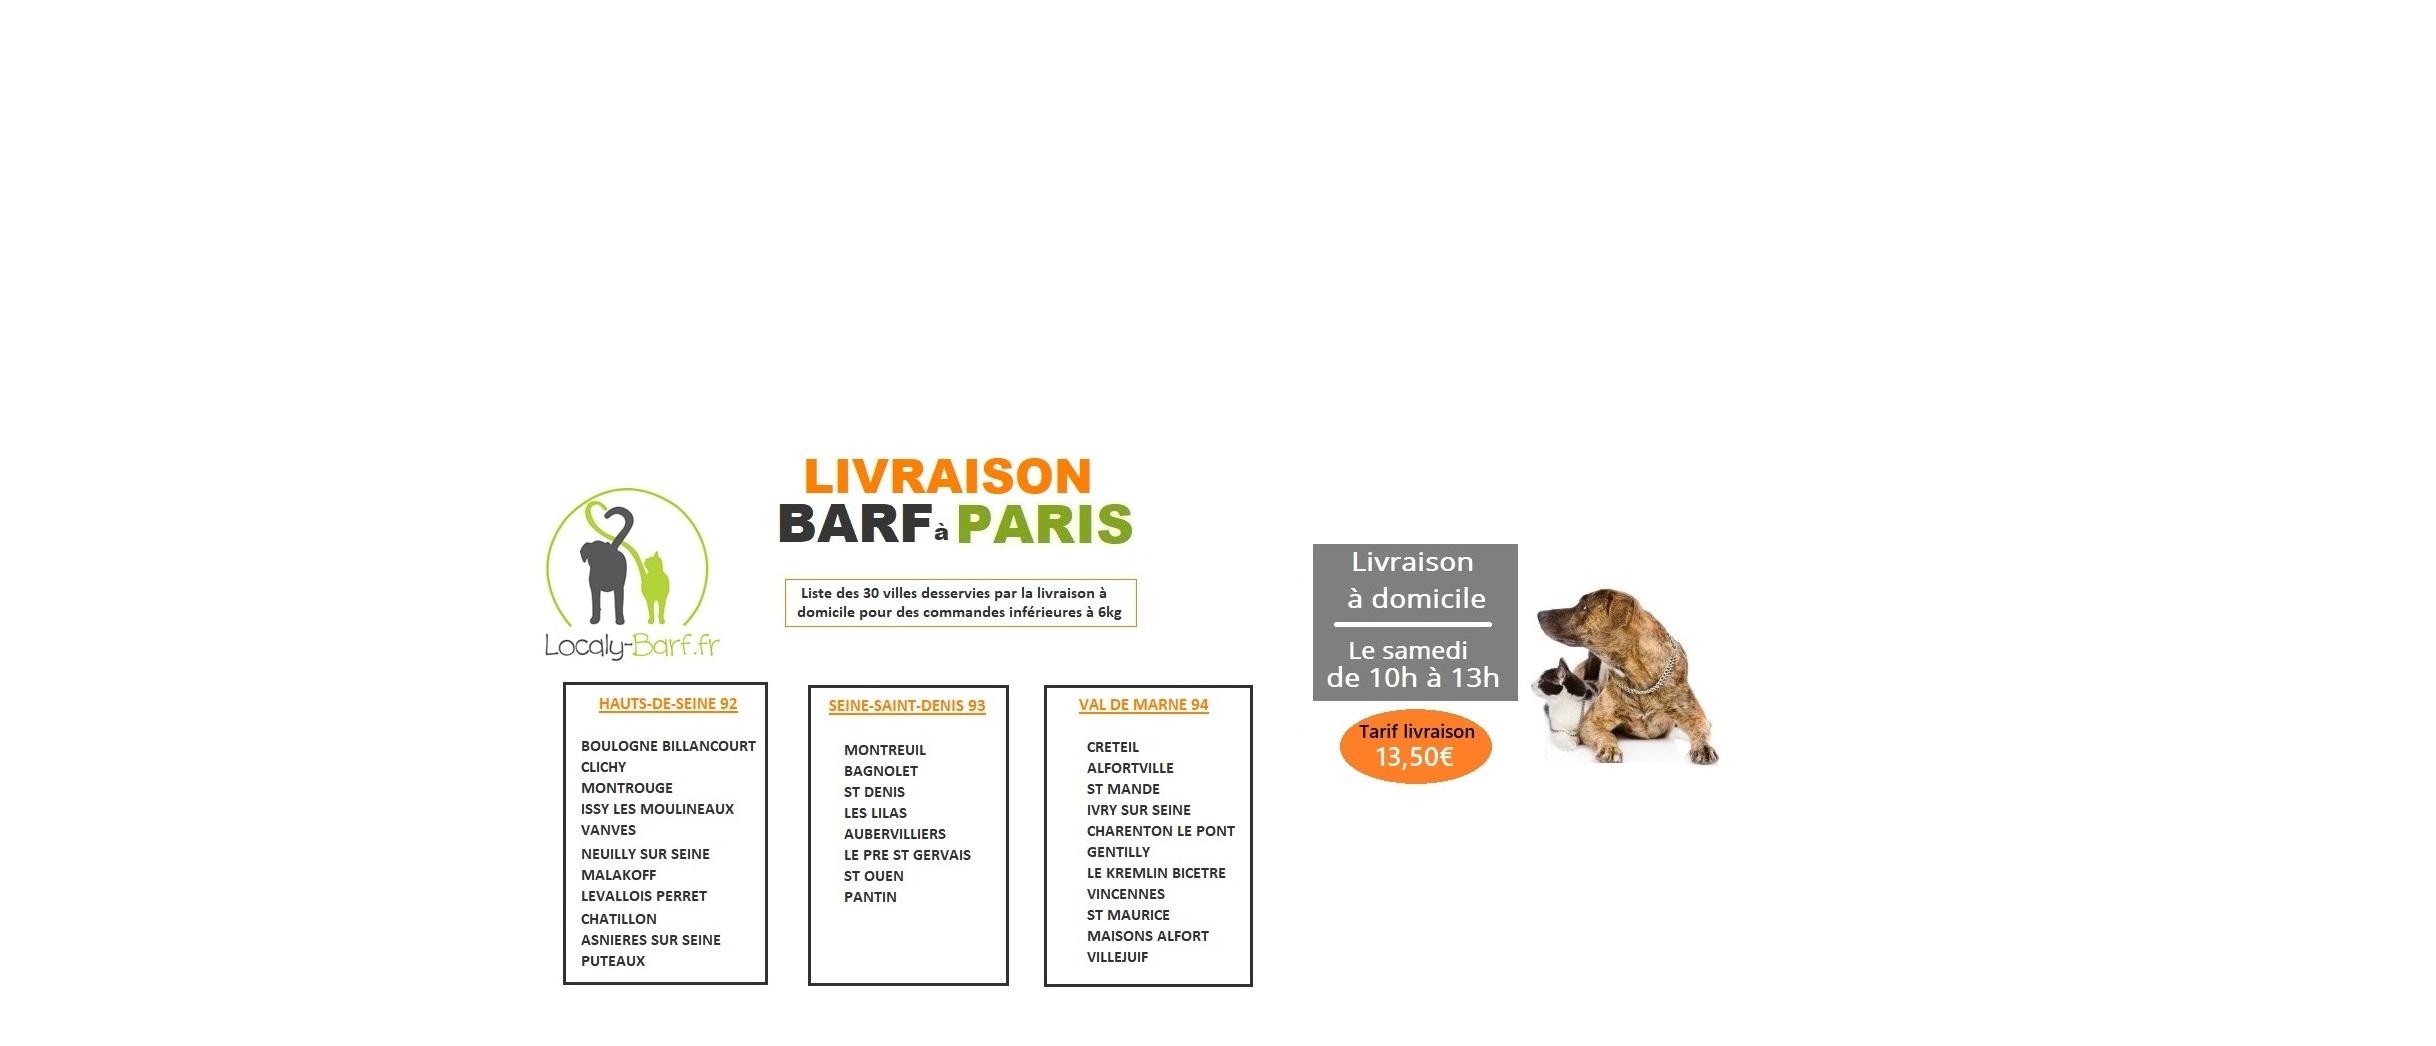 LIVRAISON BARF A PARIS